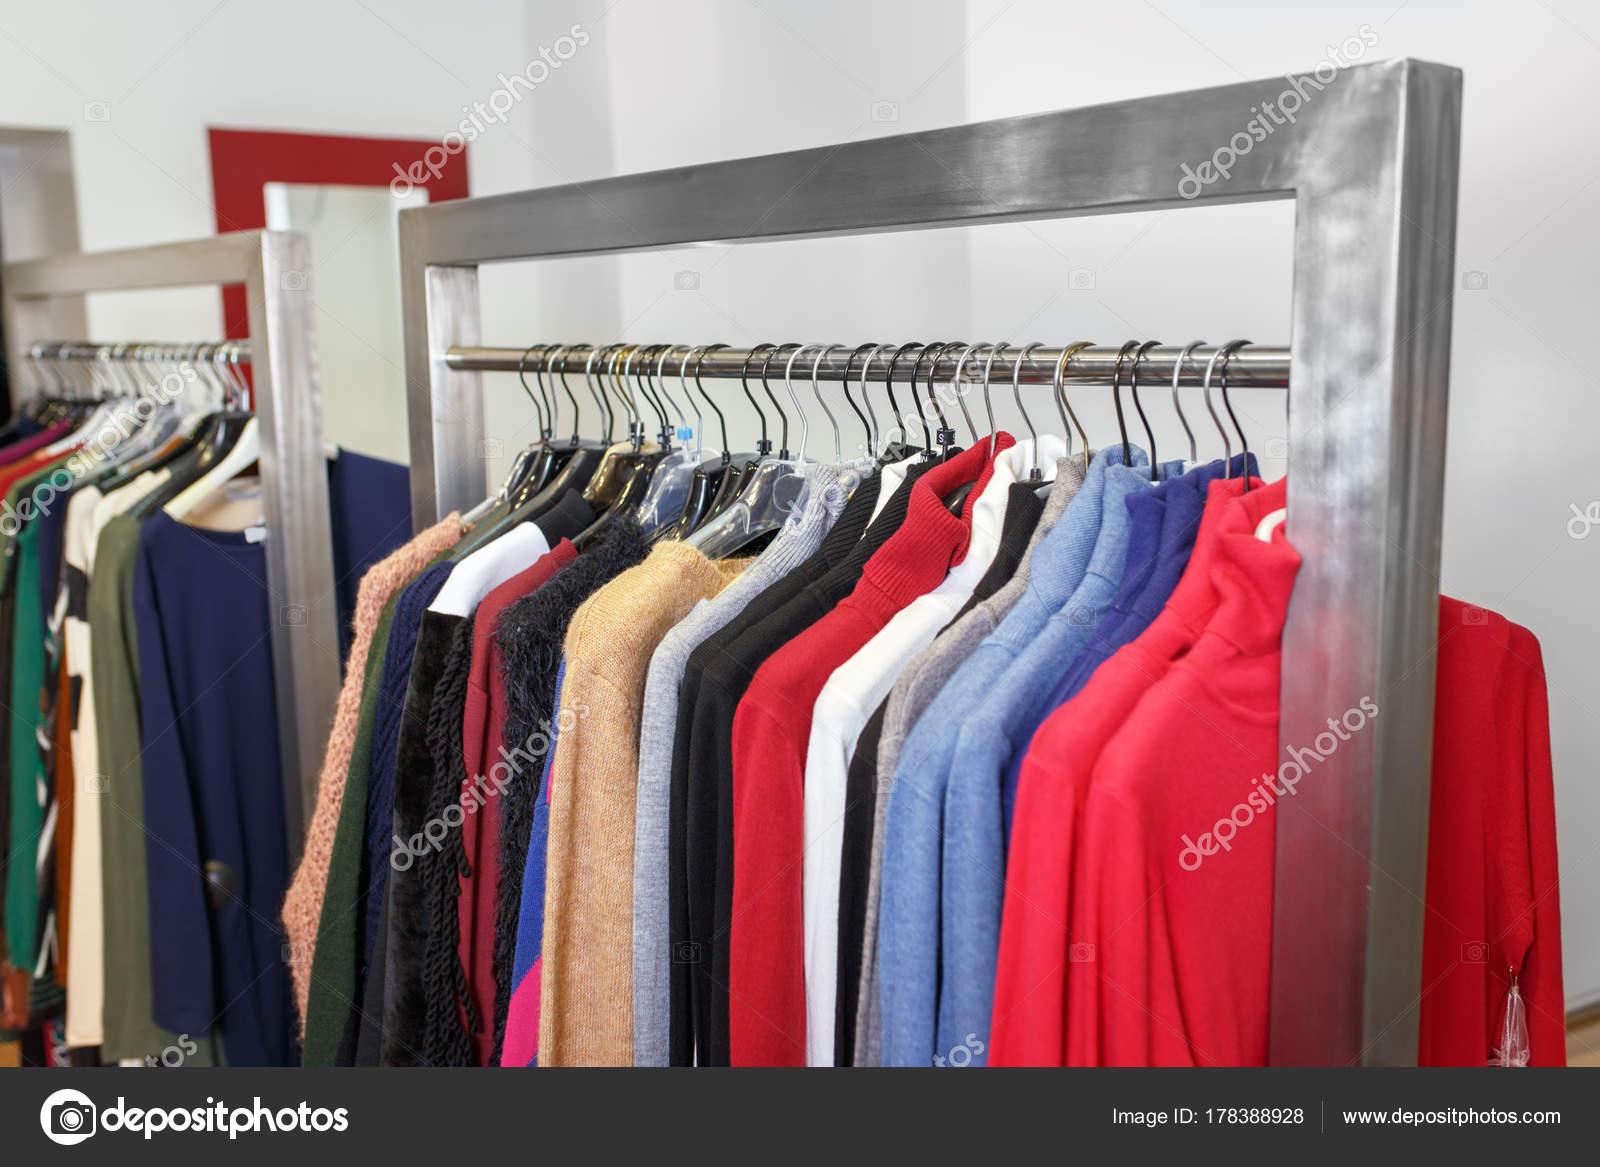 4a561c68ea3a Κρεμάστρα ρούχων με πολύχρωμα ένδυμα στο κατάστημα. Ρούχα που κρέμονται στη  σχάρα σε μπουτίκ μόδας. Ψώνια έννοια — Εικόνα από ...